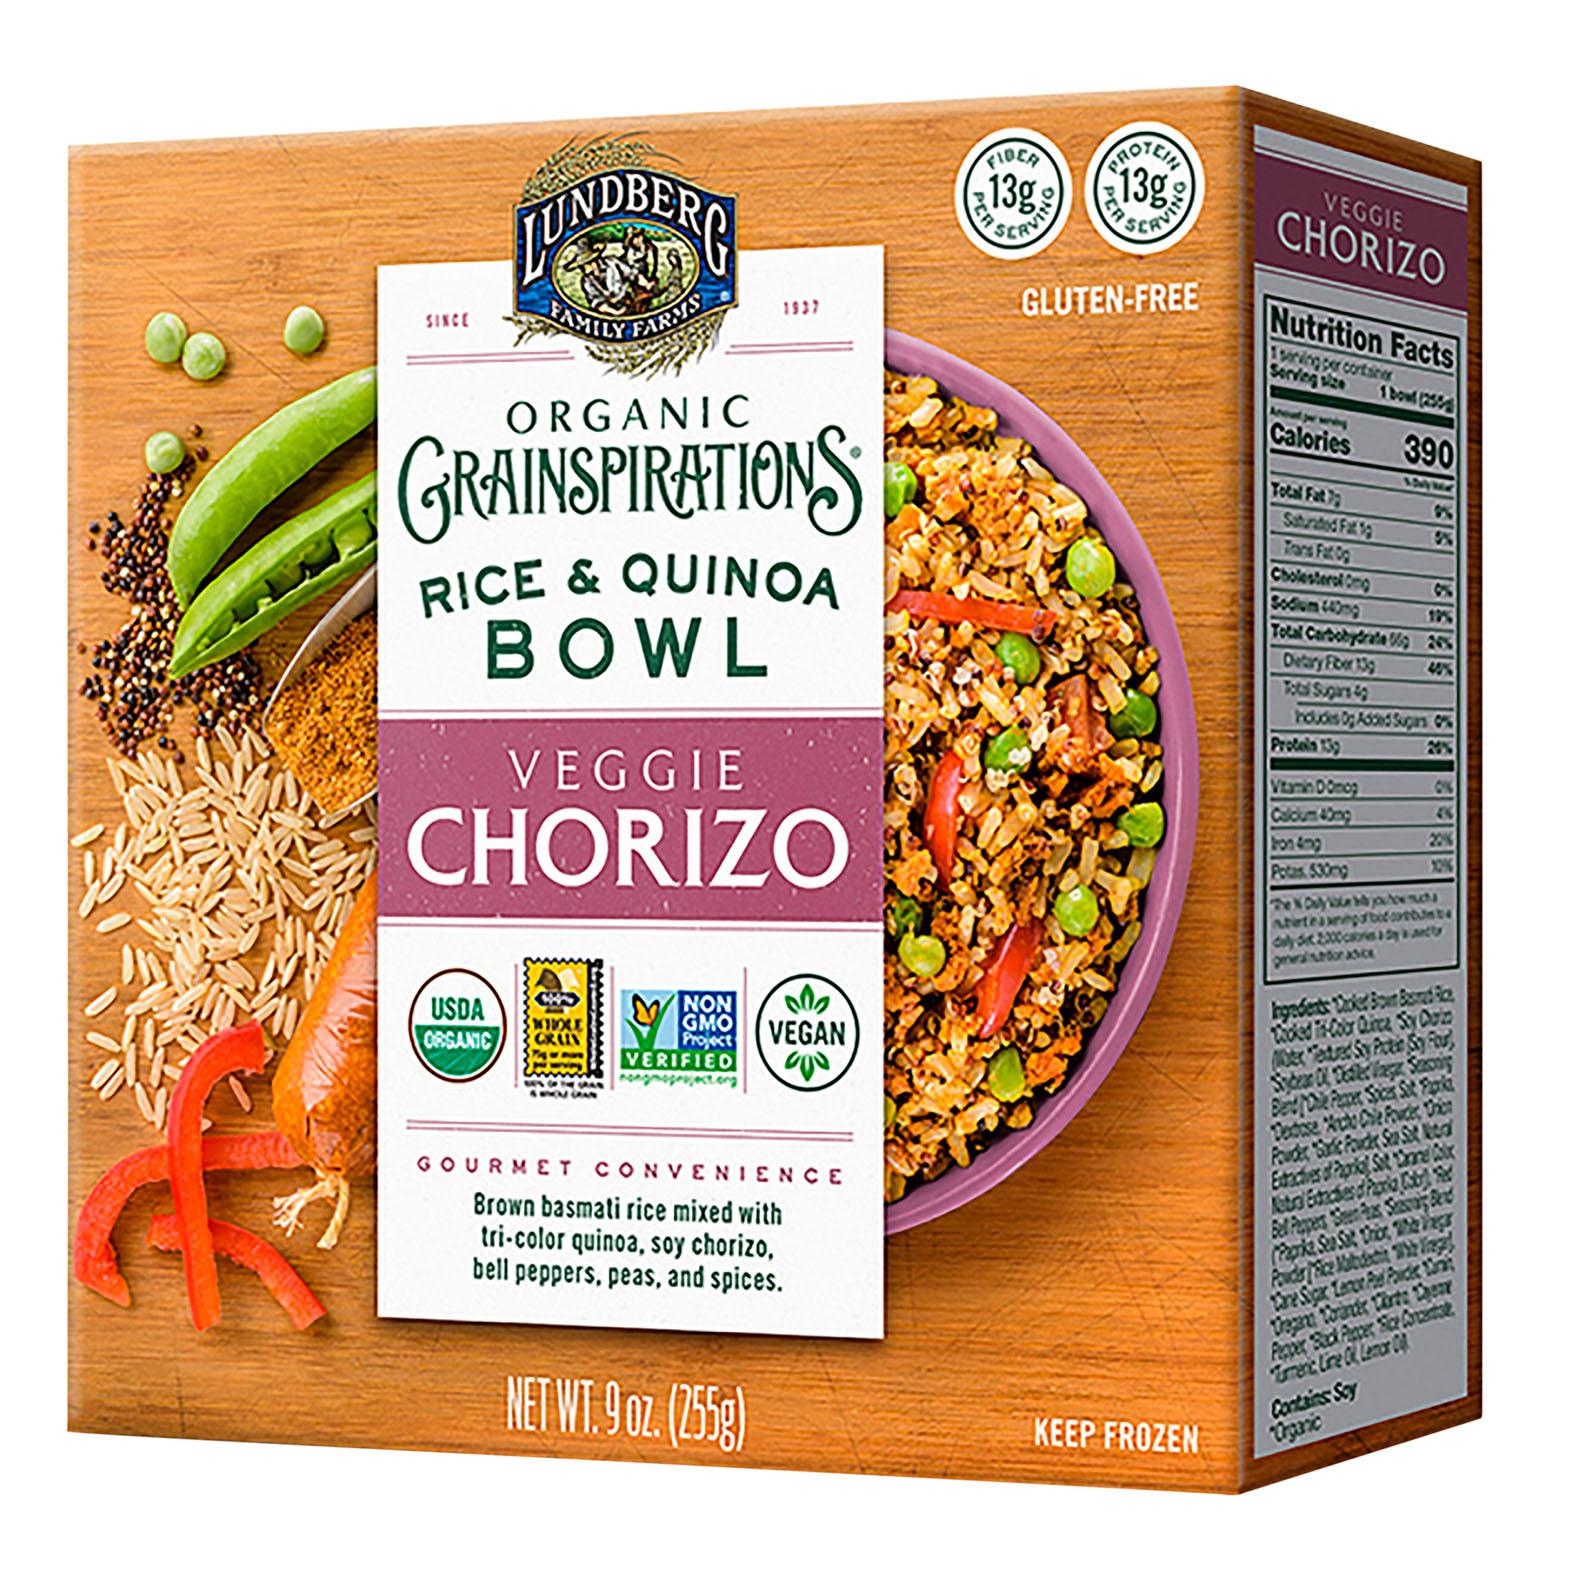 lundberg rice quinoa bowl veggie chorizo